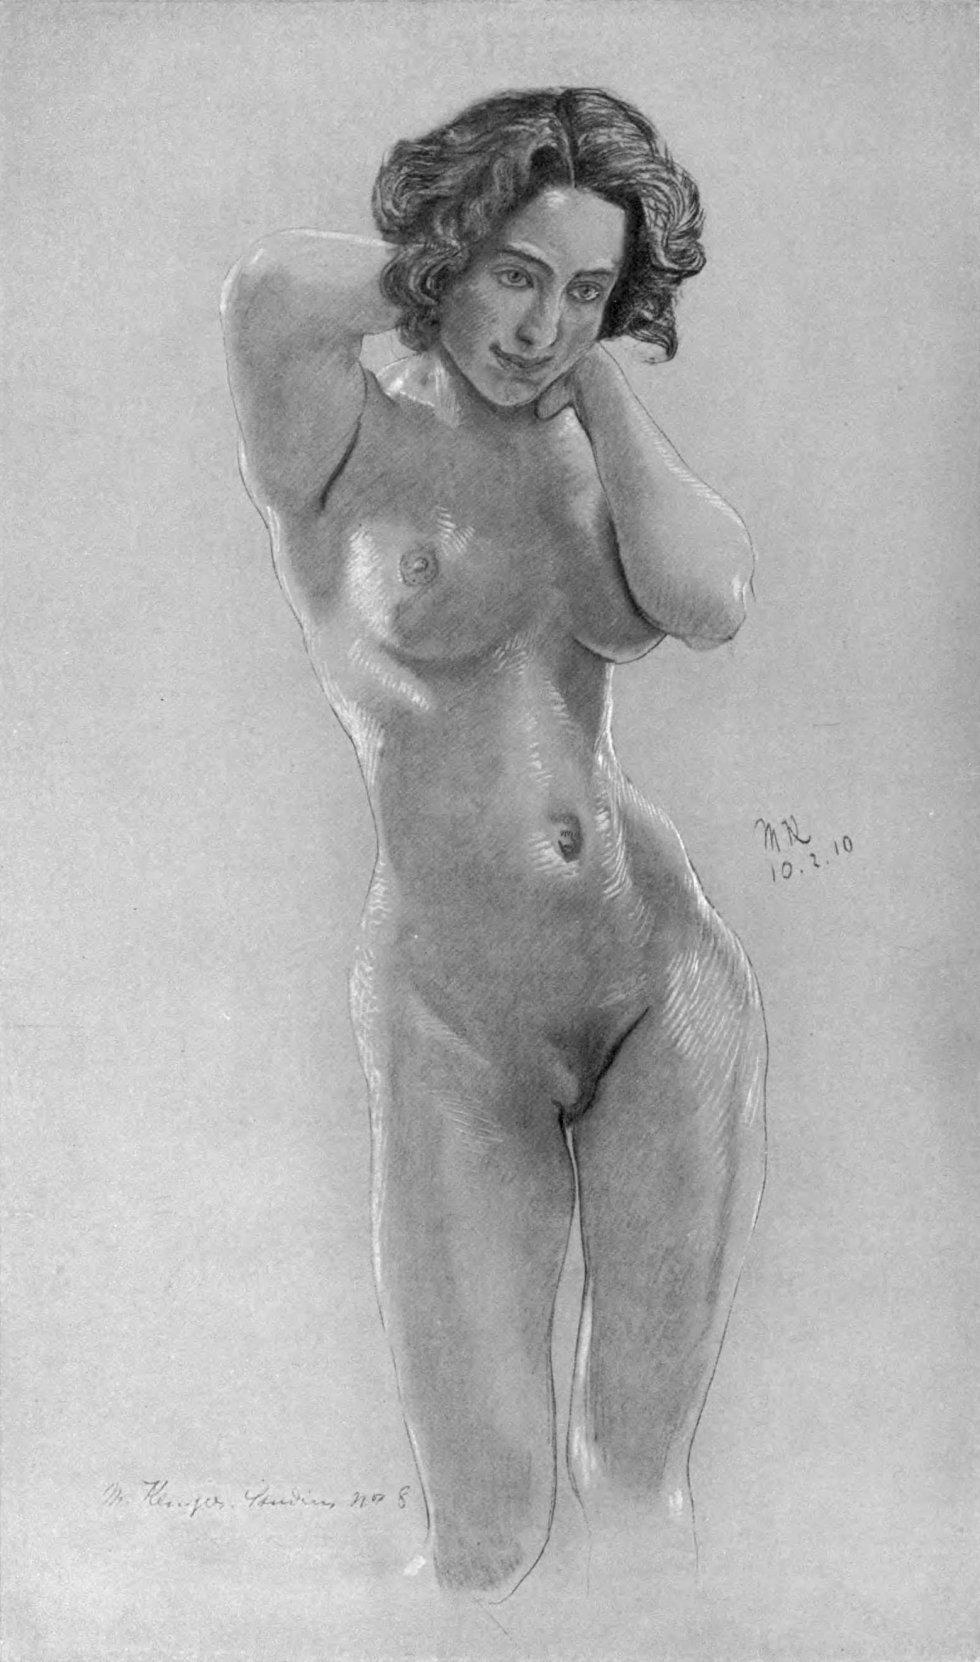 Sesin fotogrfica de desnudos artsticos Fotgrafa